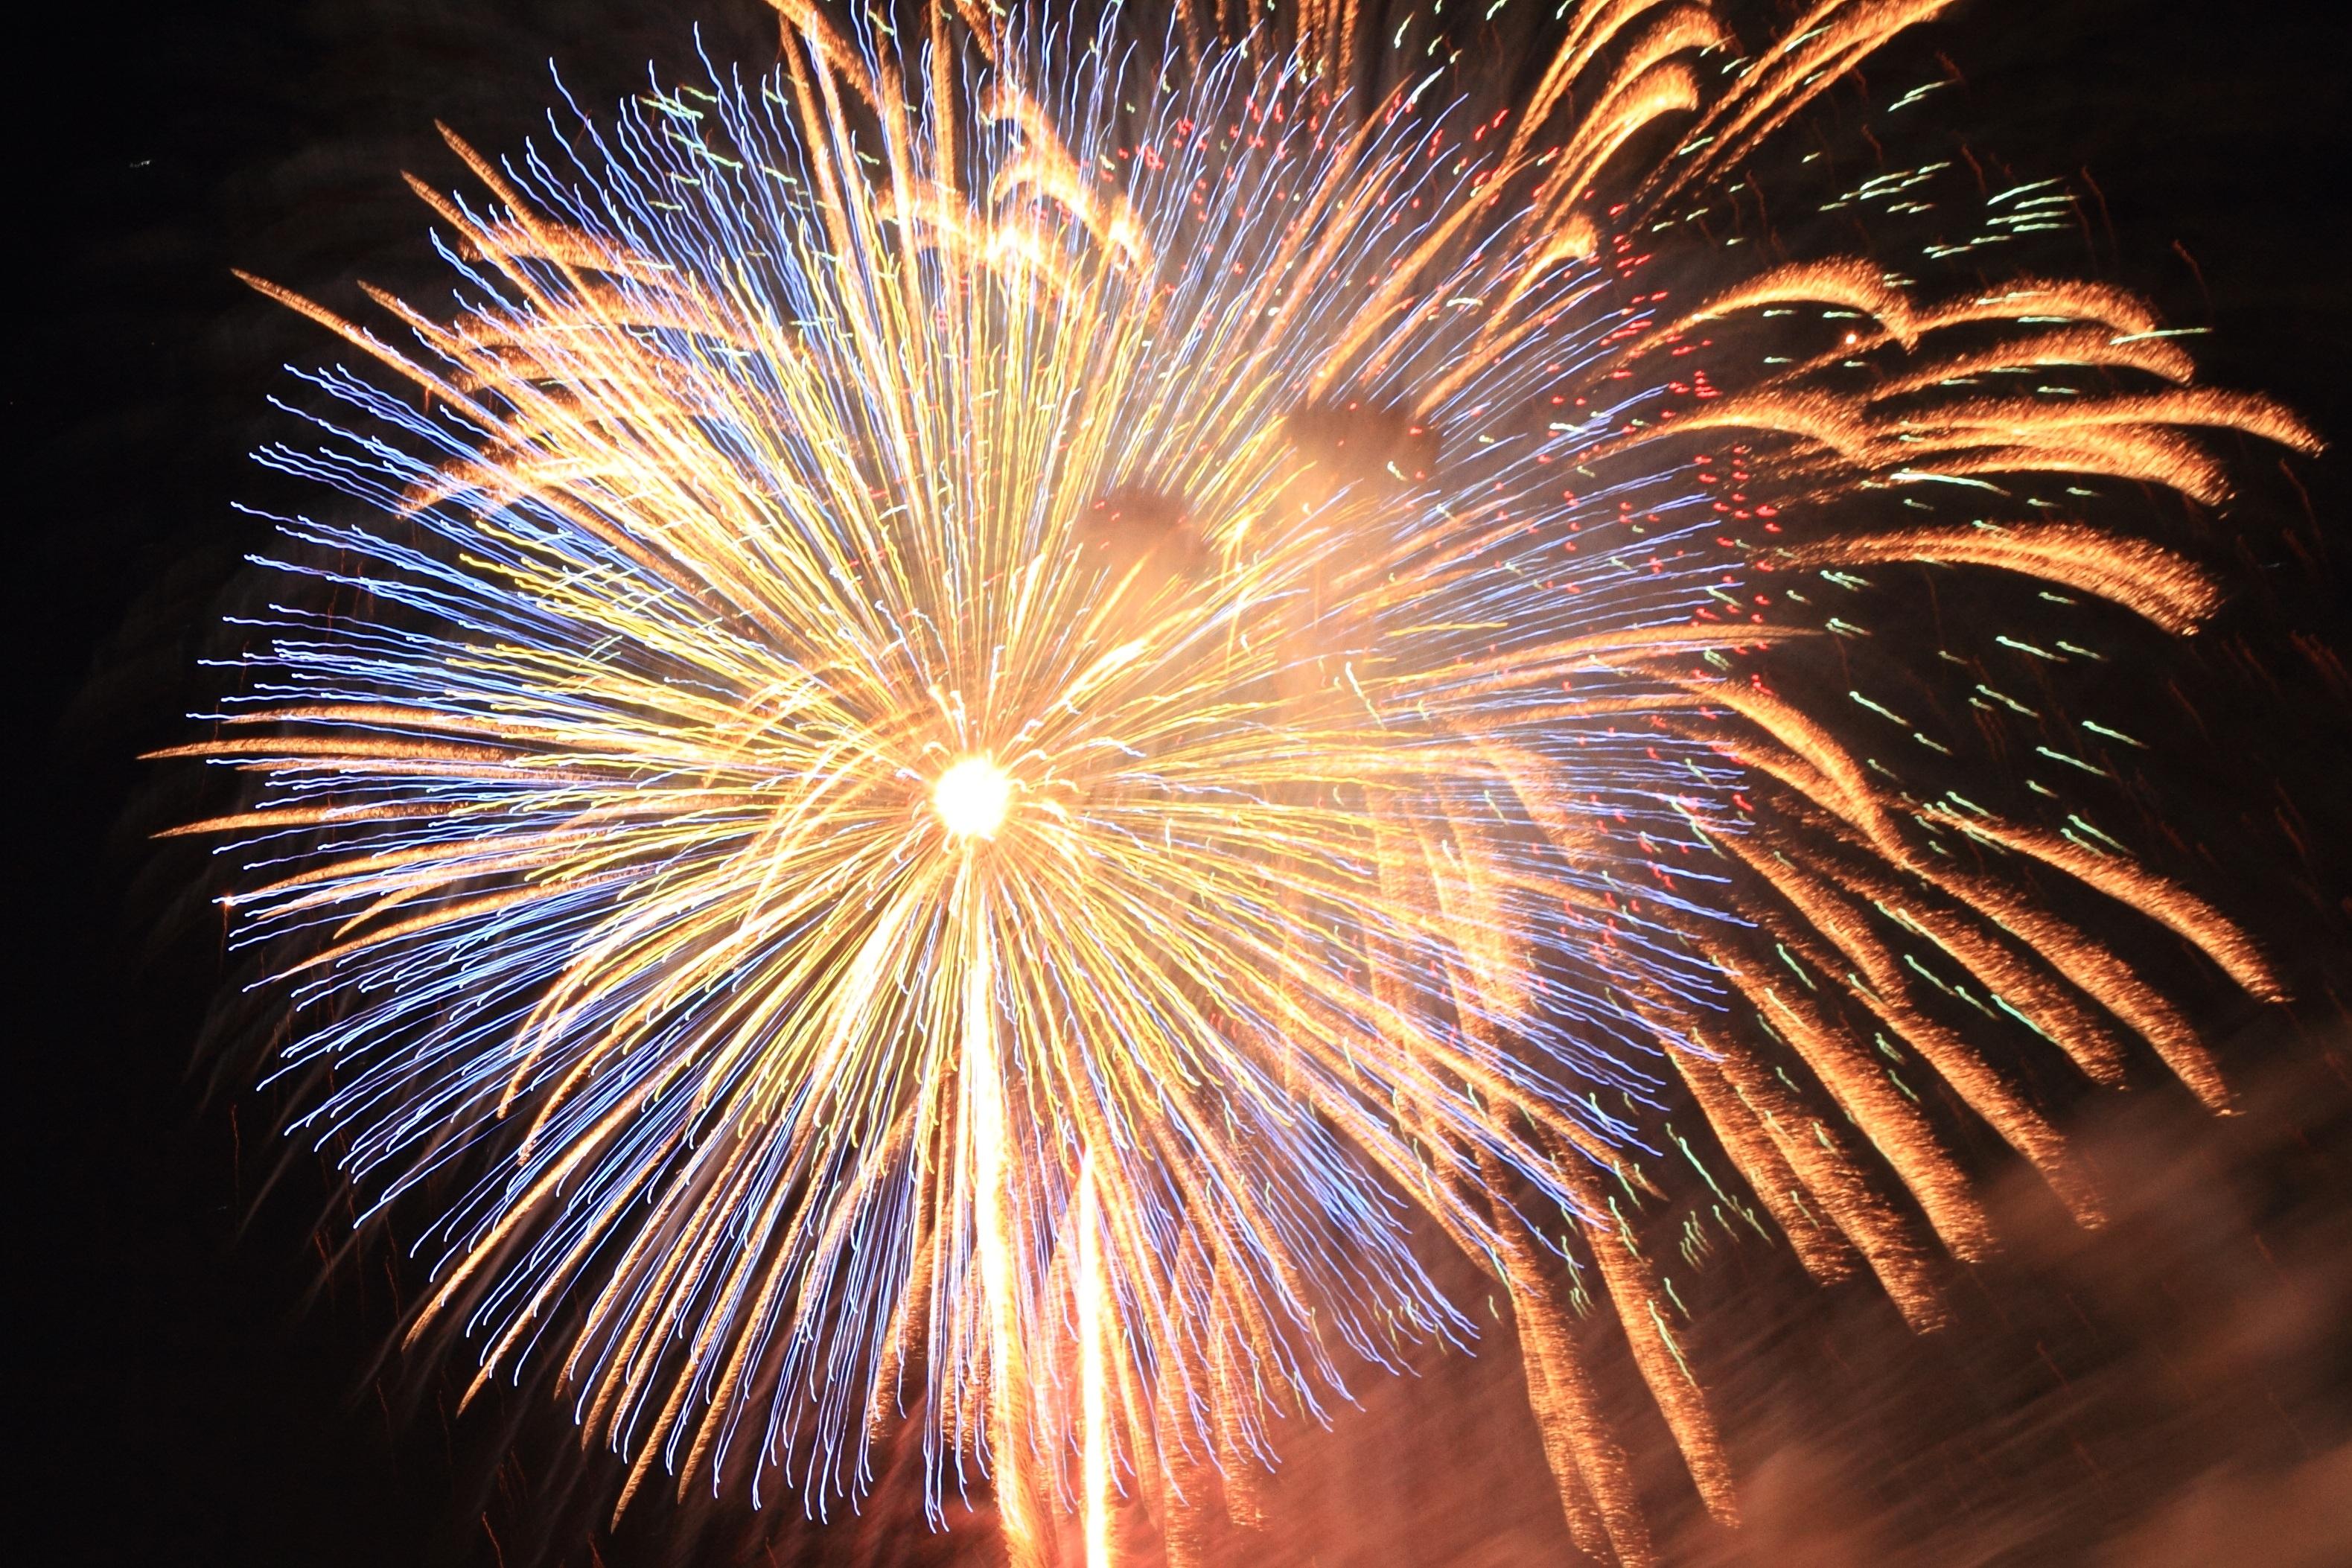 Gambar cahaya langit rekreasi ruang kegelapan tahun baru gambar cahaya langit rekreasi ruang kegelapan tahun baru ledakan festival kembang api pesta peristiwa tengah malam diwali selamat sylvester voltagebd Images